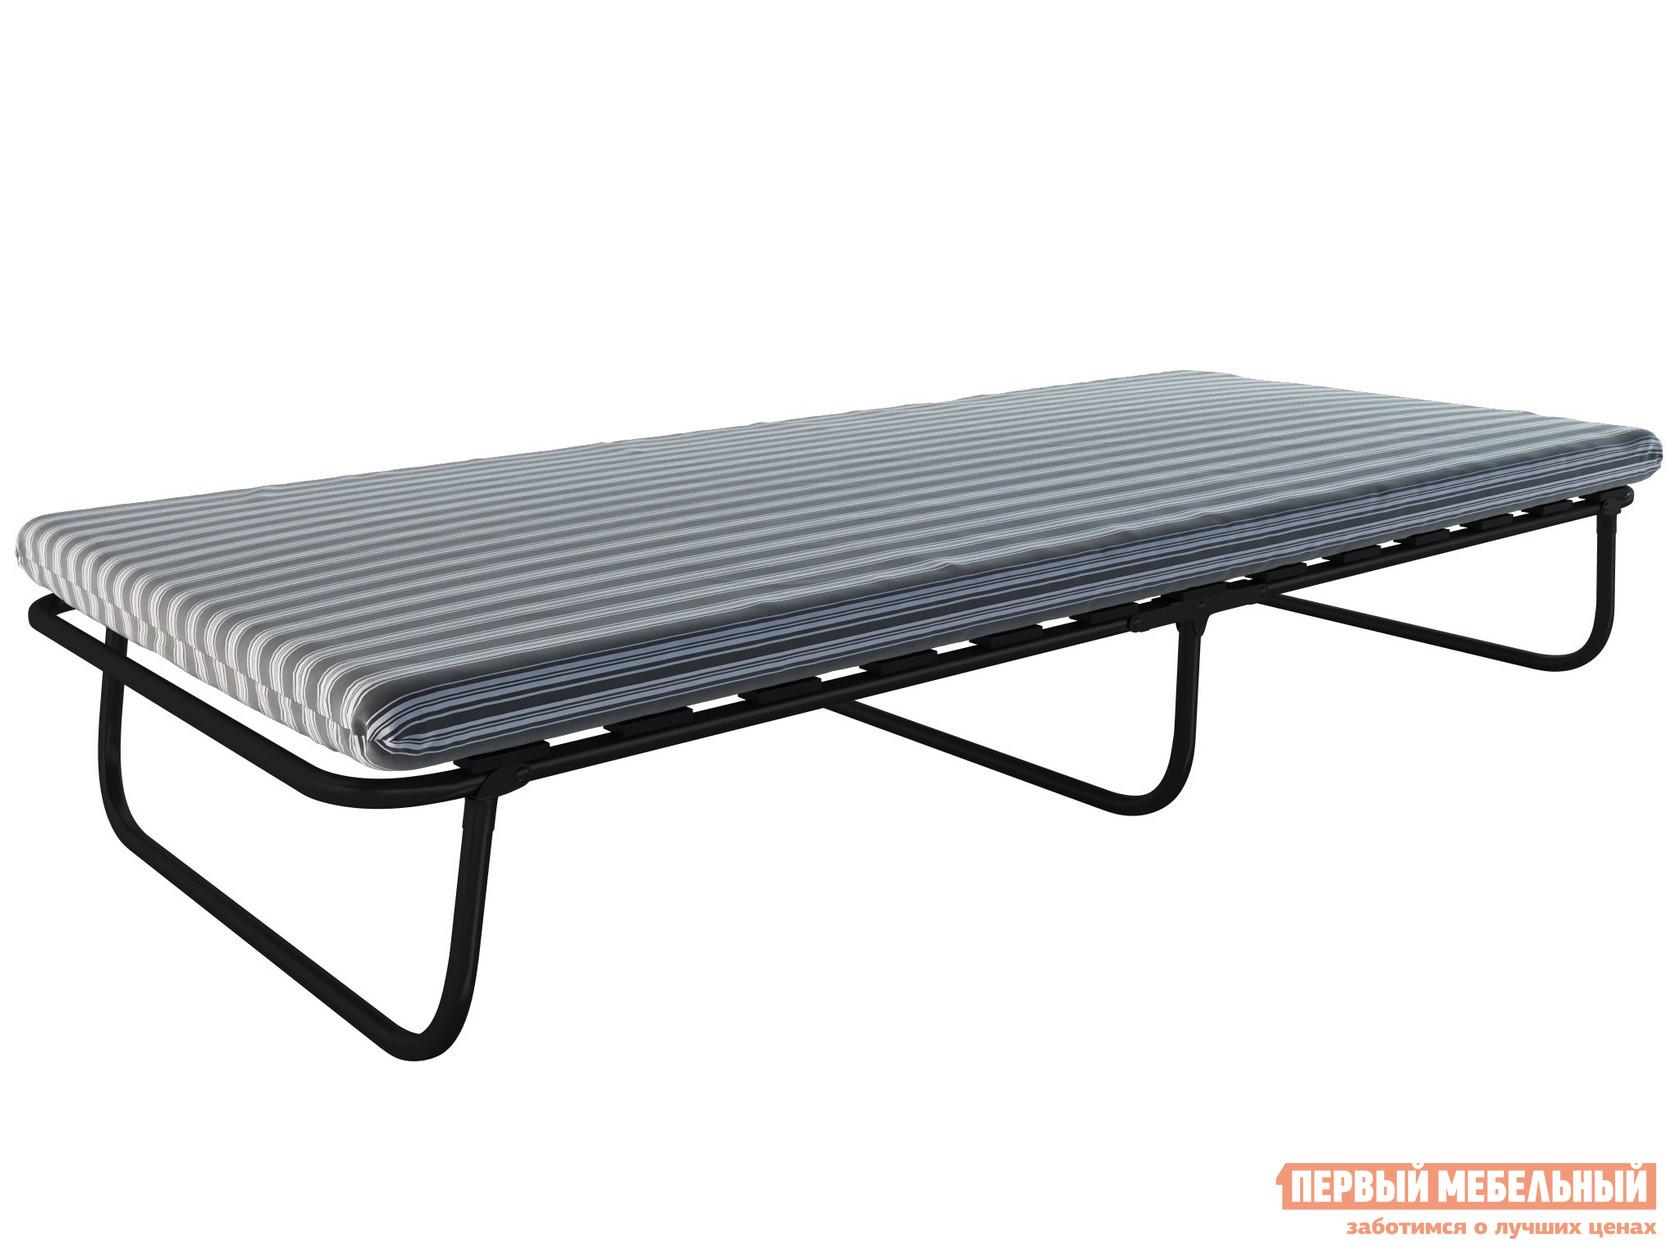 Раскладушка Мебель Импэкс Модель-203-LeSet кровать раскладная мебель импэкс leset модель 203